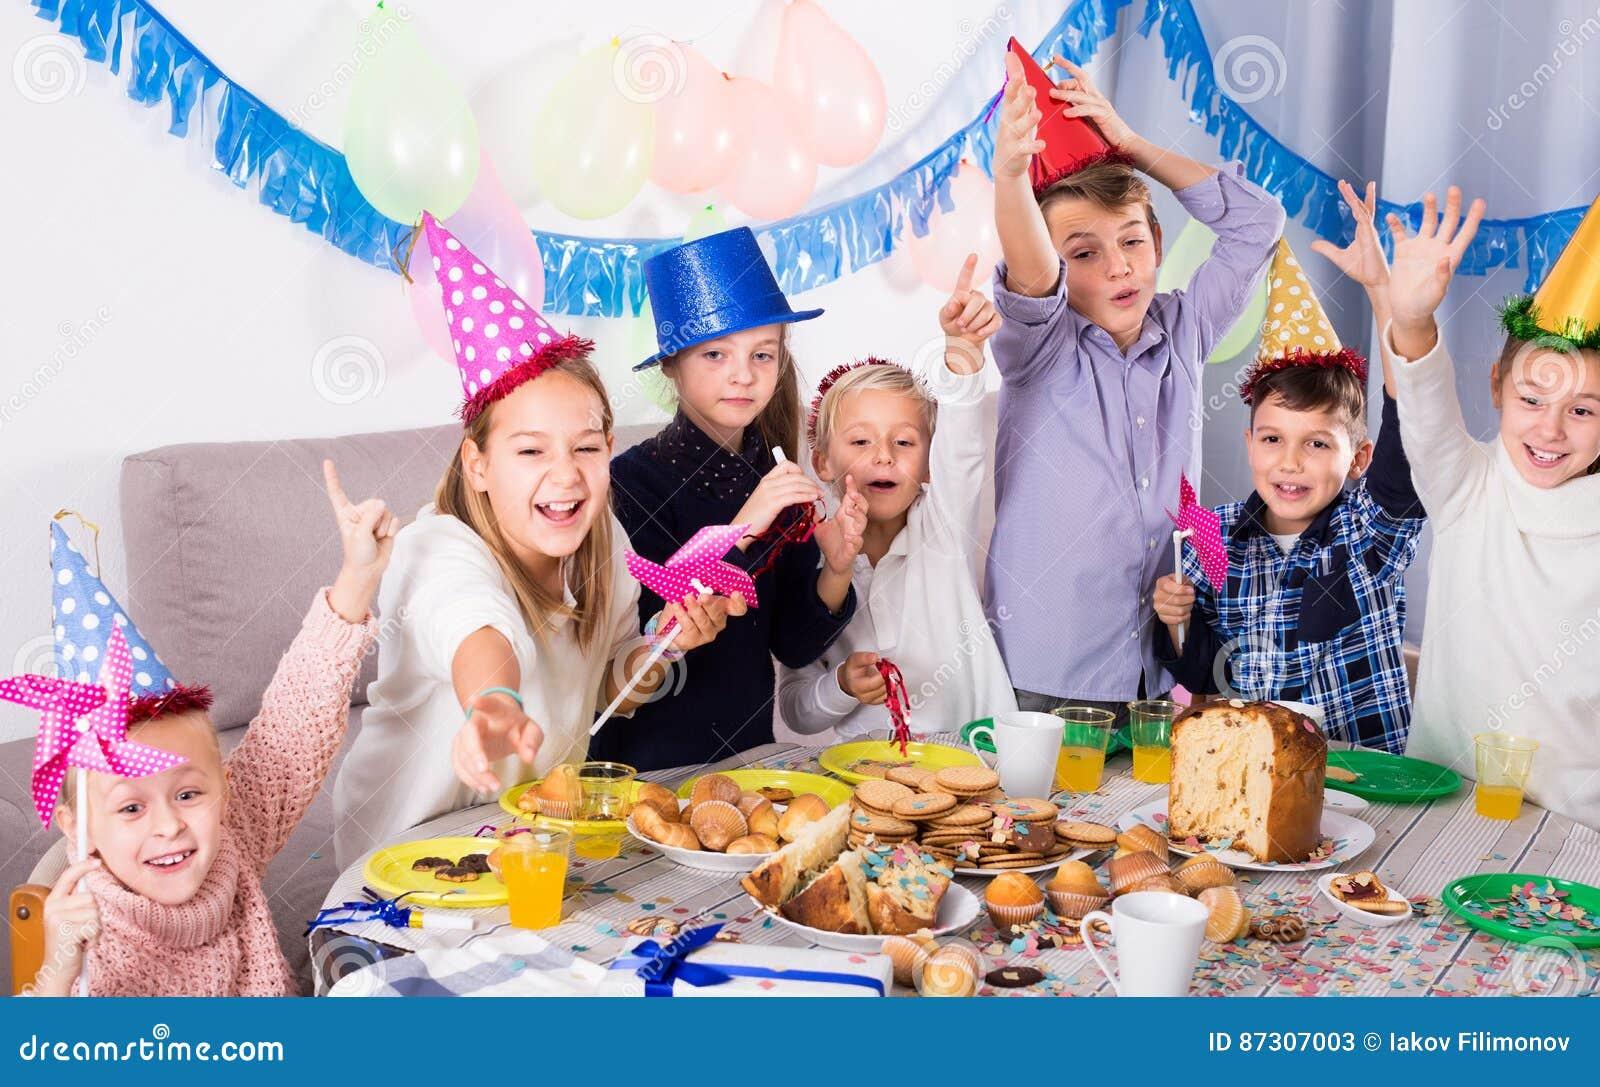 Enfants de noceurs profitant d un agréable moment à une fête d anniversaire